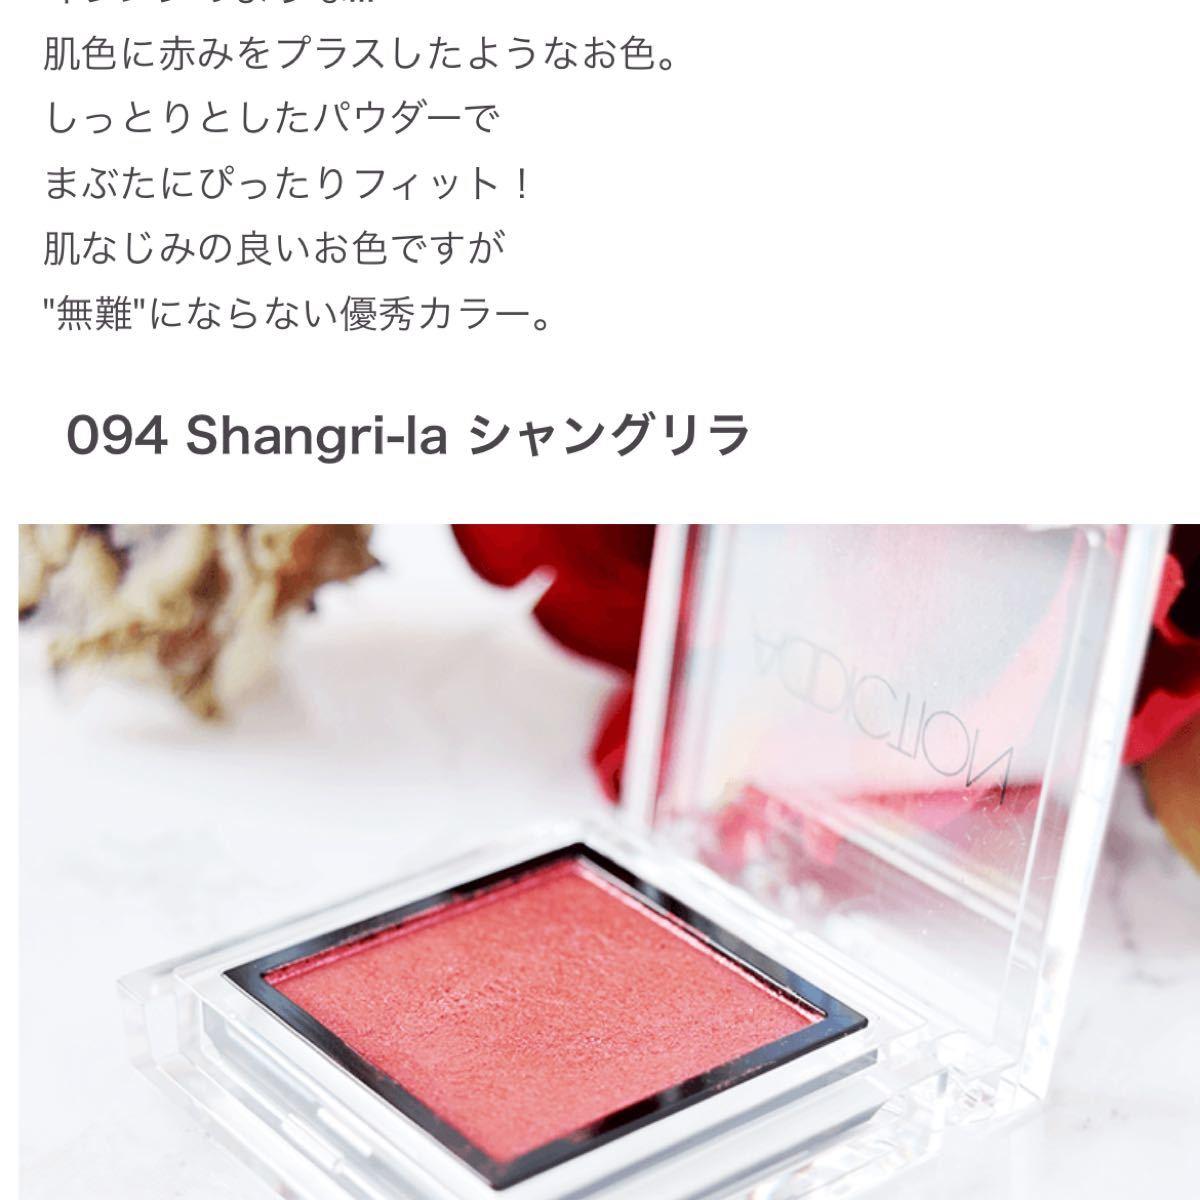 アディクション ザ アイシャドウ 94 shangri-La